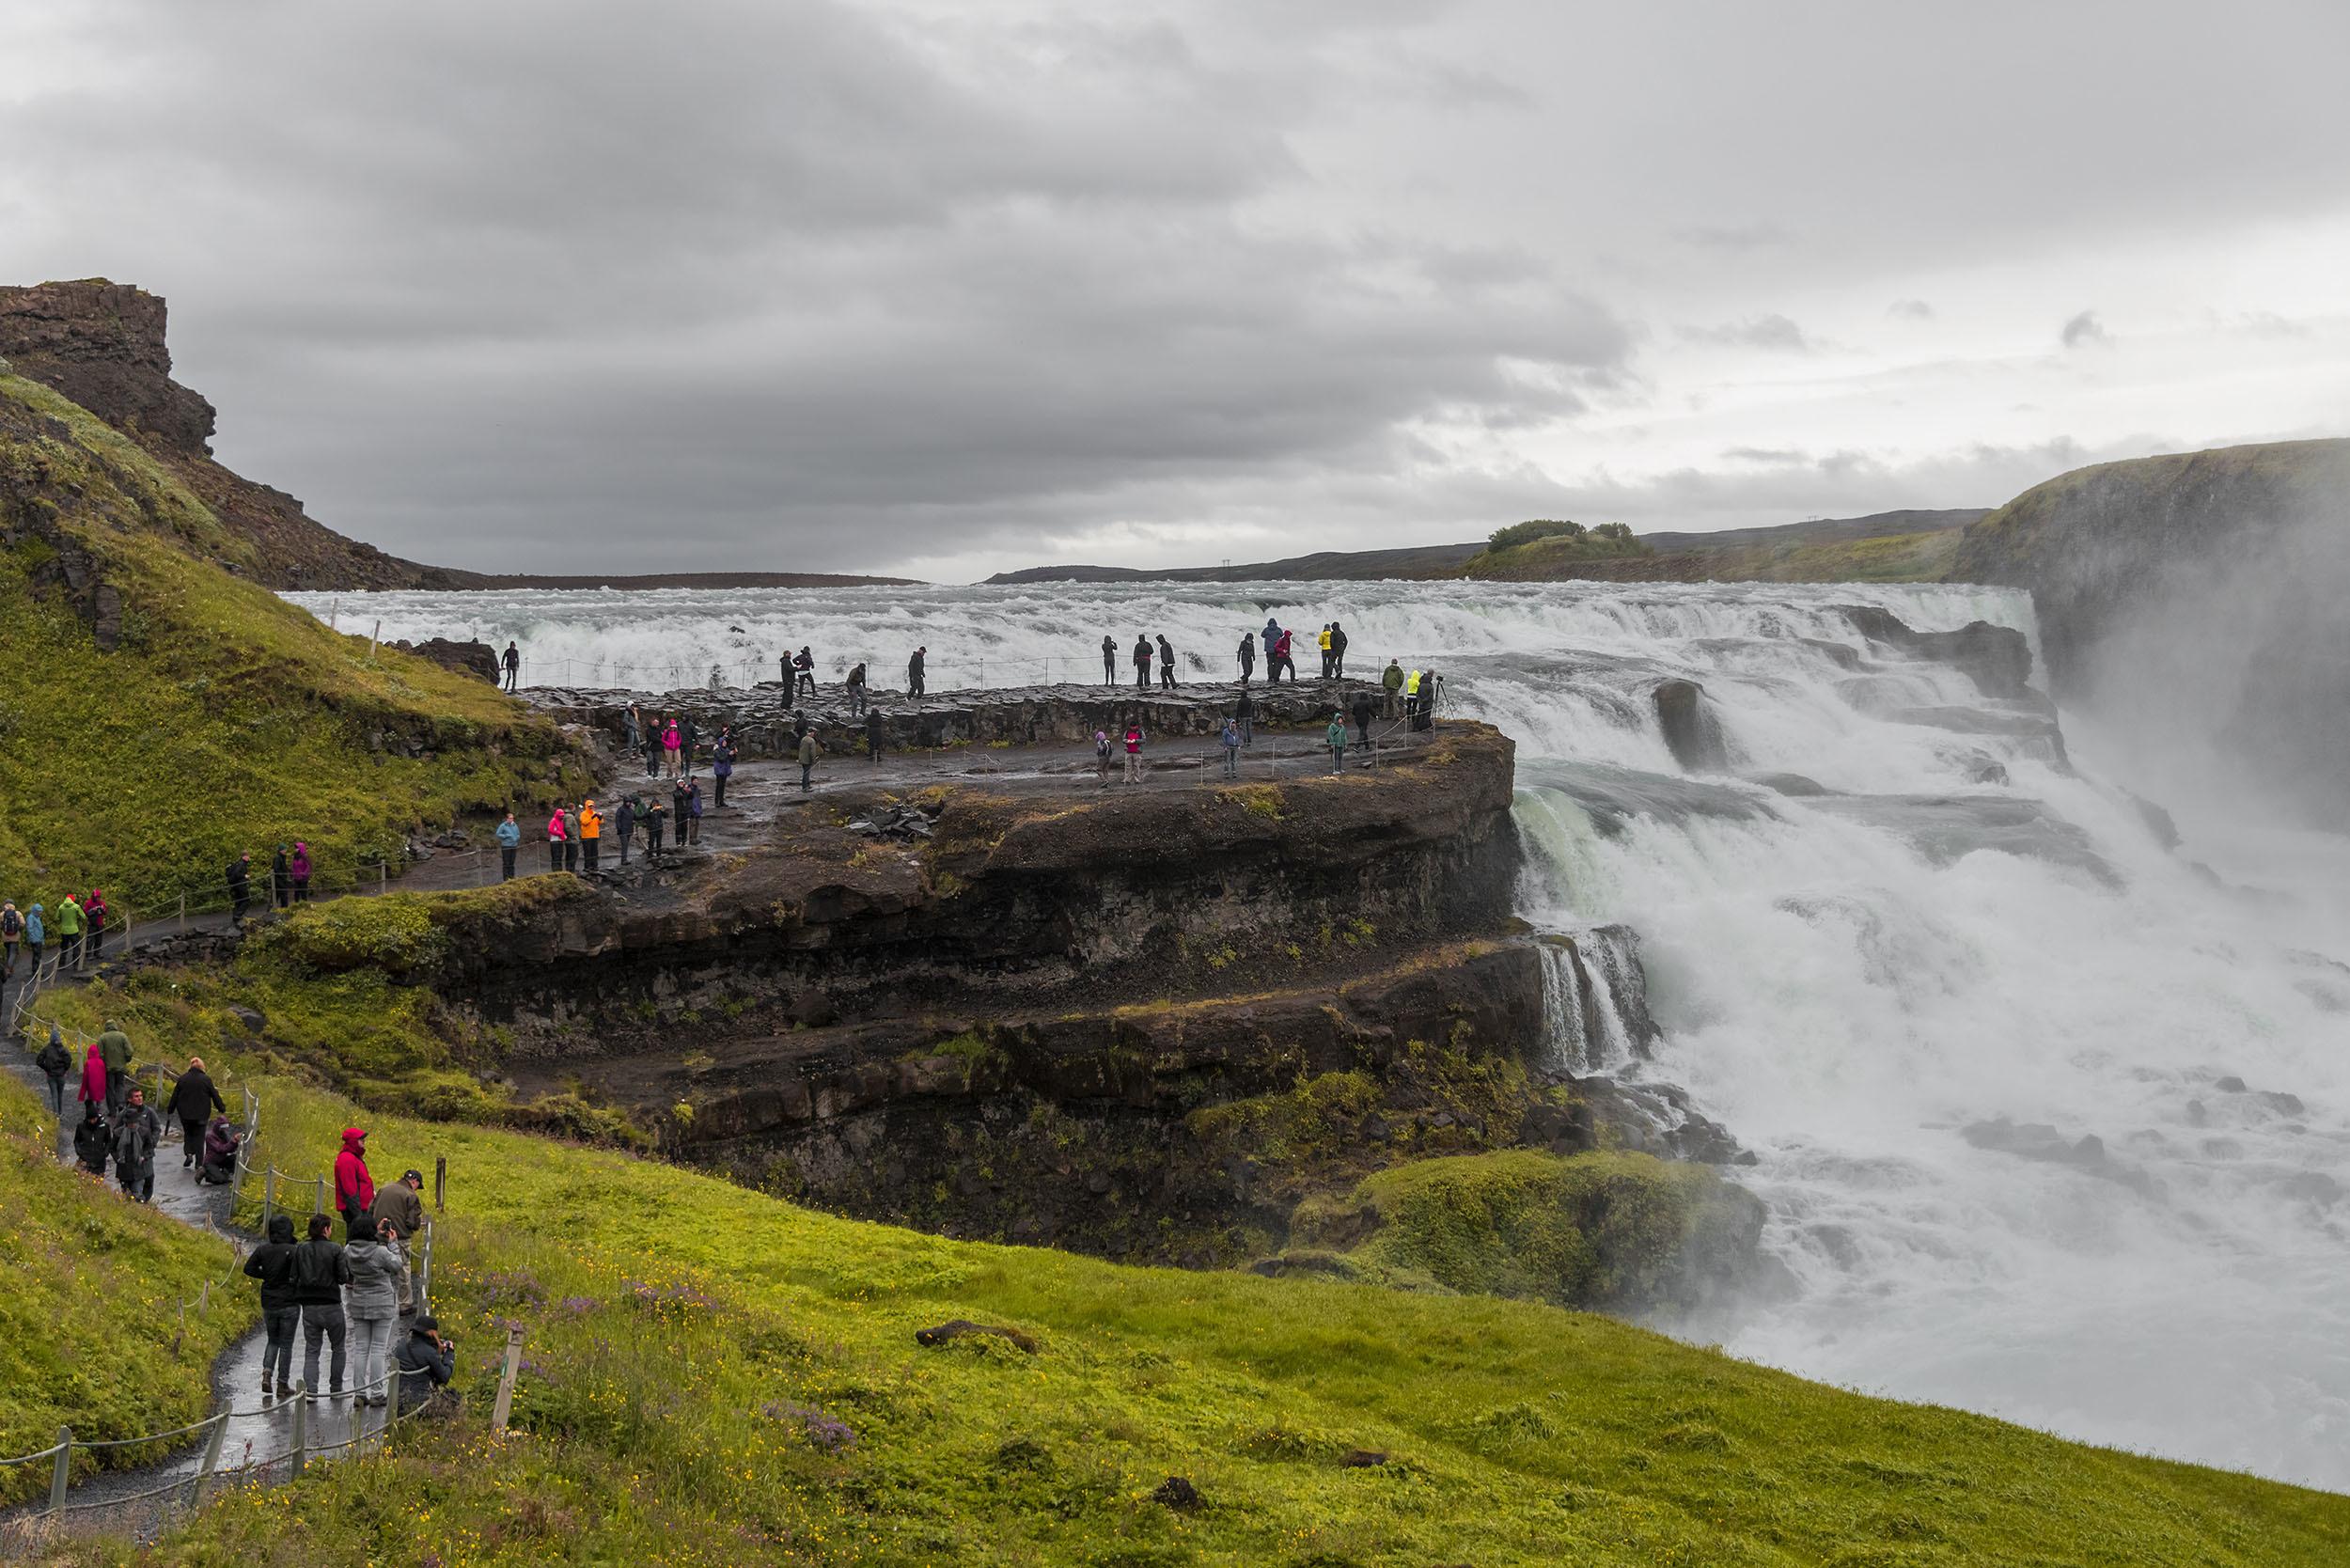 Izland Körutazás - Partvidék Izland Teljes Körút #f9538bc7-9ce7-4958-87eb-062fe5ef0c2e